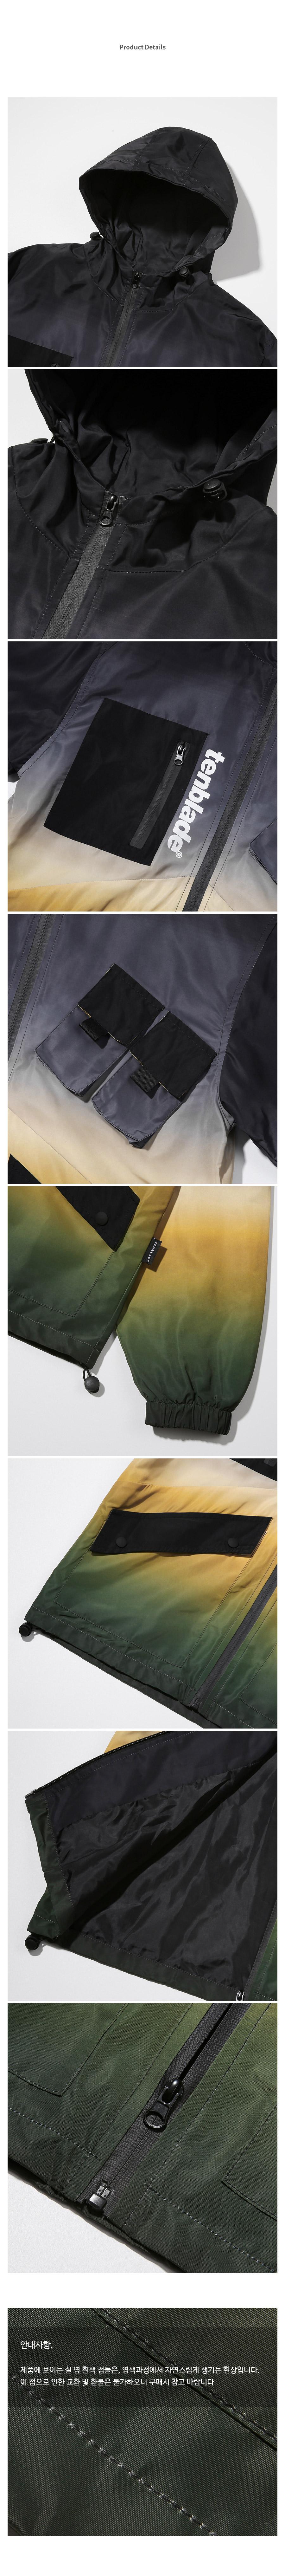 레이보우 테크 자켓 옐로우